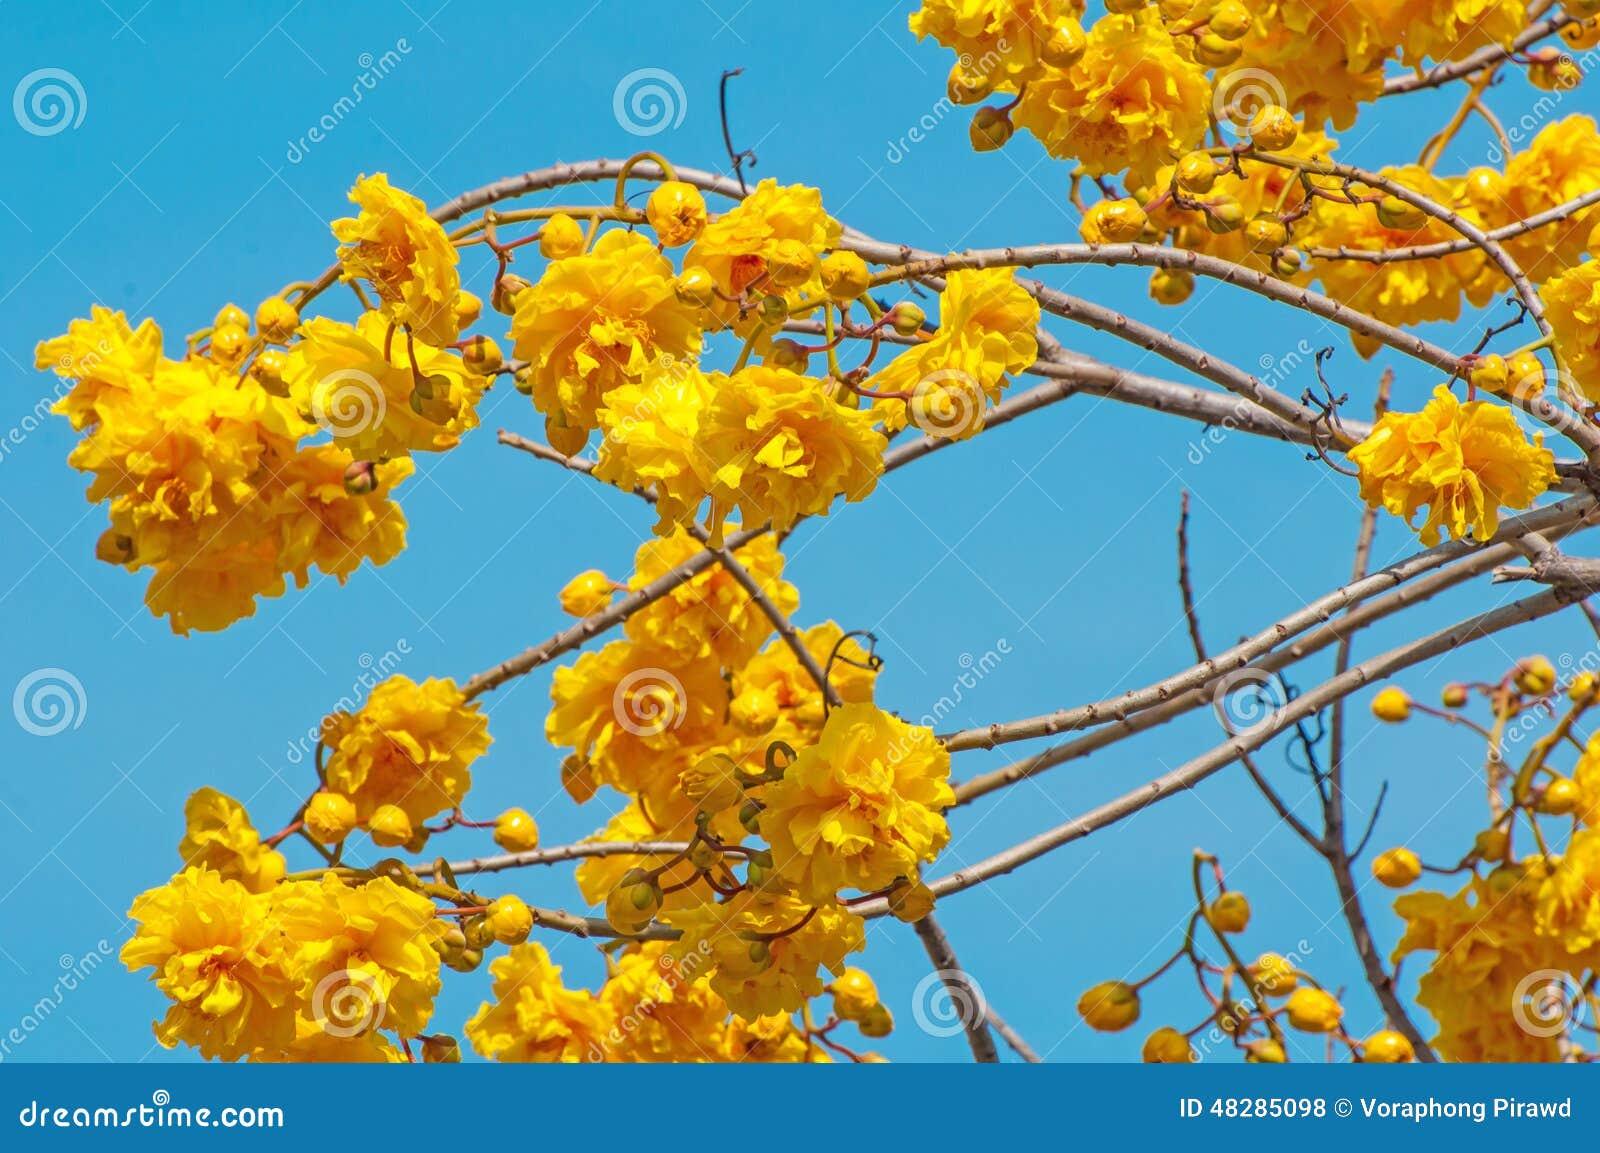 fleurs jaunes d 39 arbre de coton en soie photo stock image du bleu arbre 48285098. Black Bedroom Furniture Sets. Home Design Ideas